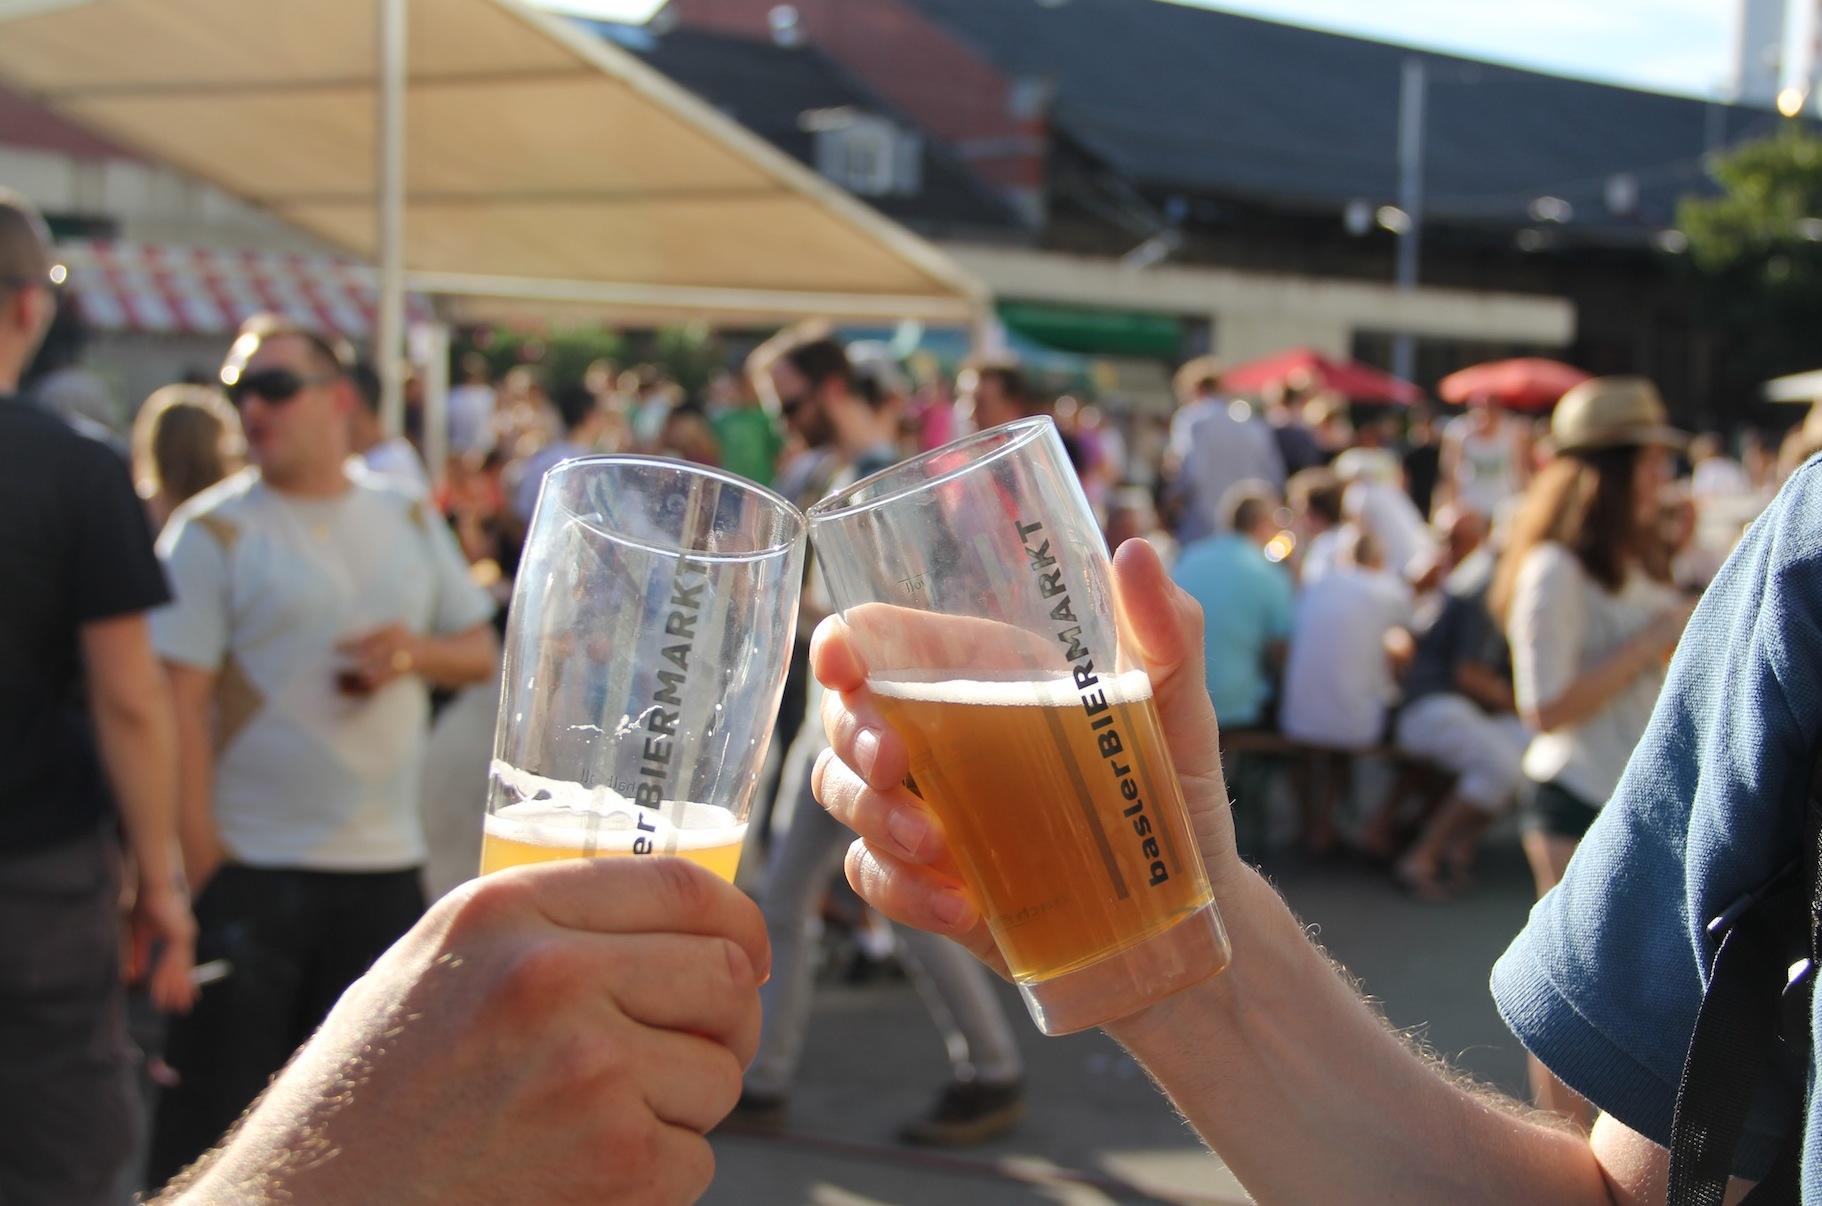 Prost! Das Prinzip mit den Jetons statt Bargeld und mit dem Bierglas als «Bhaltis» wurde beibehalten.